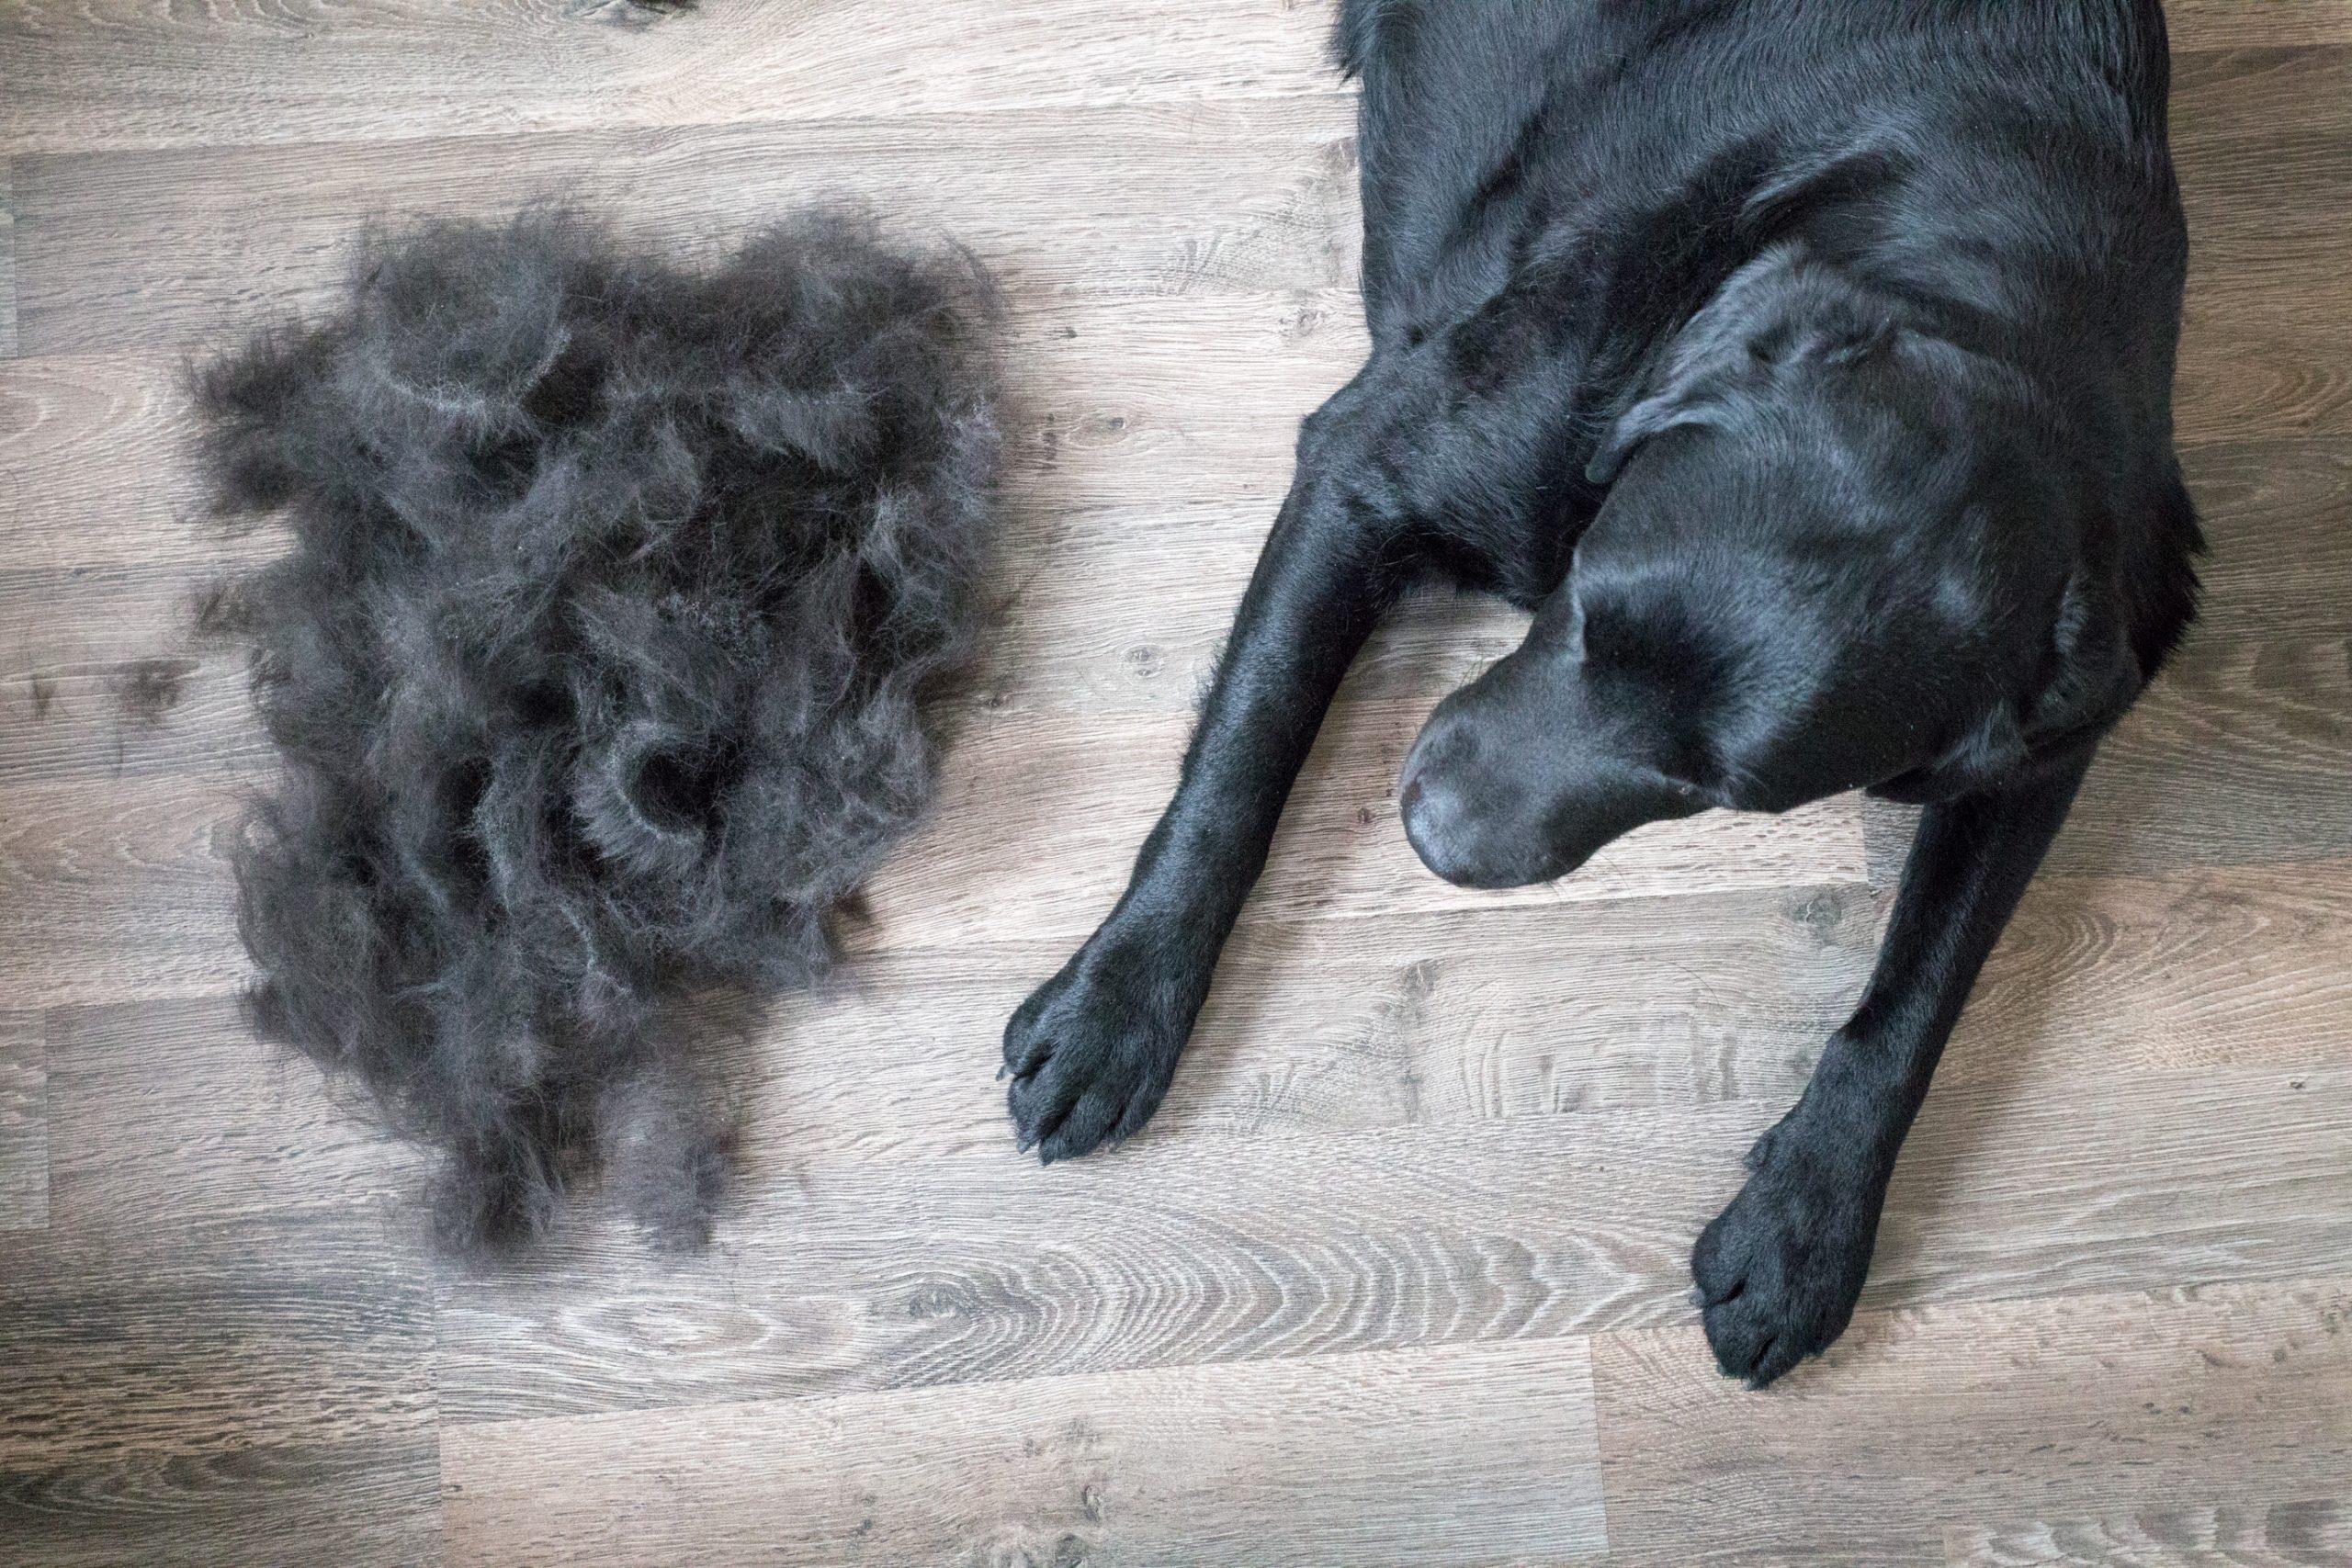 Huge Pile of Fur Brushed off Black Labrador